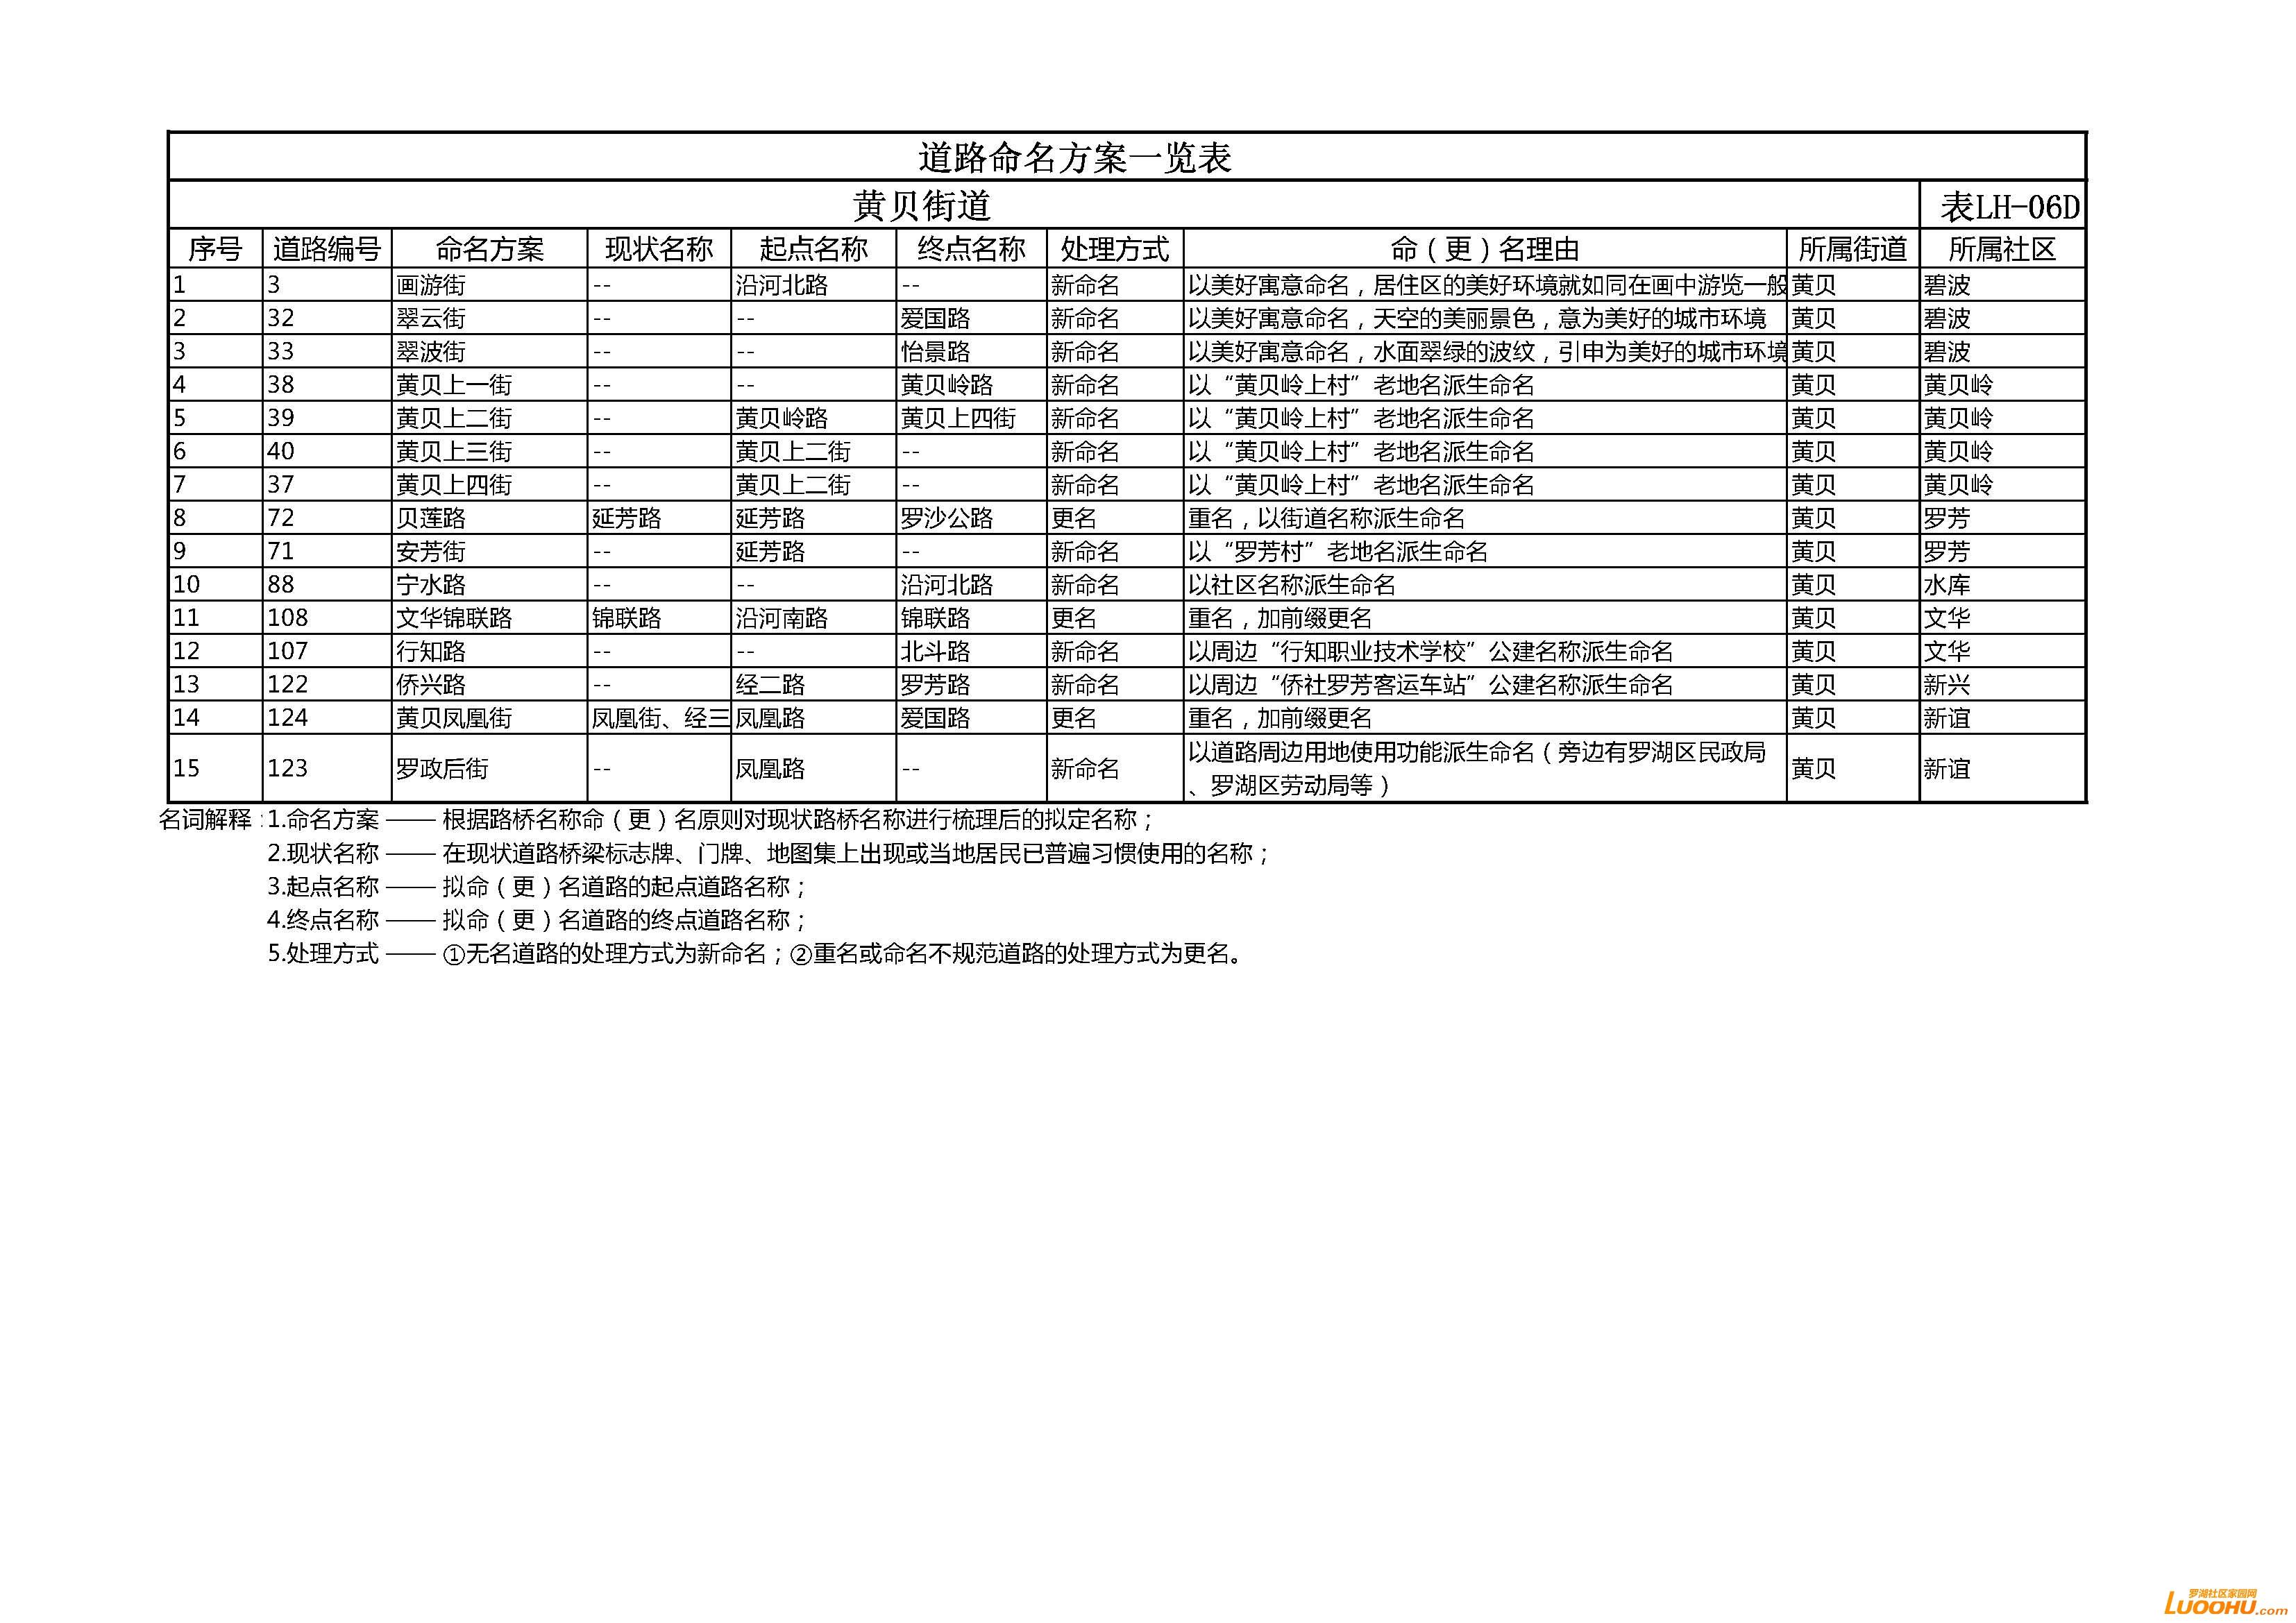 表LH-06D.jpg